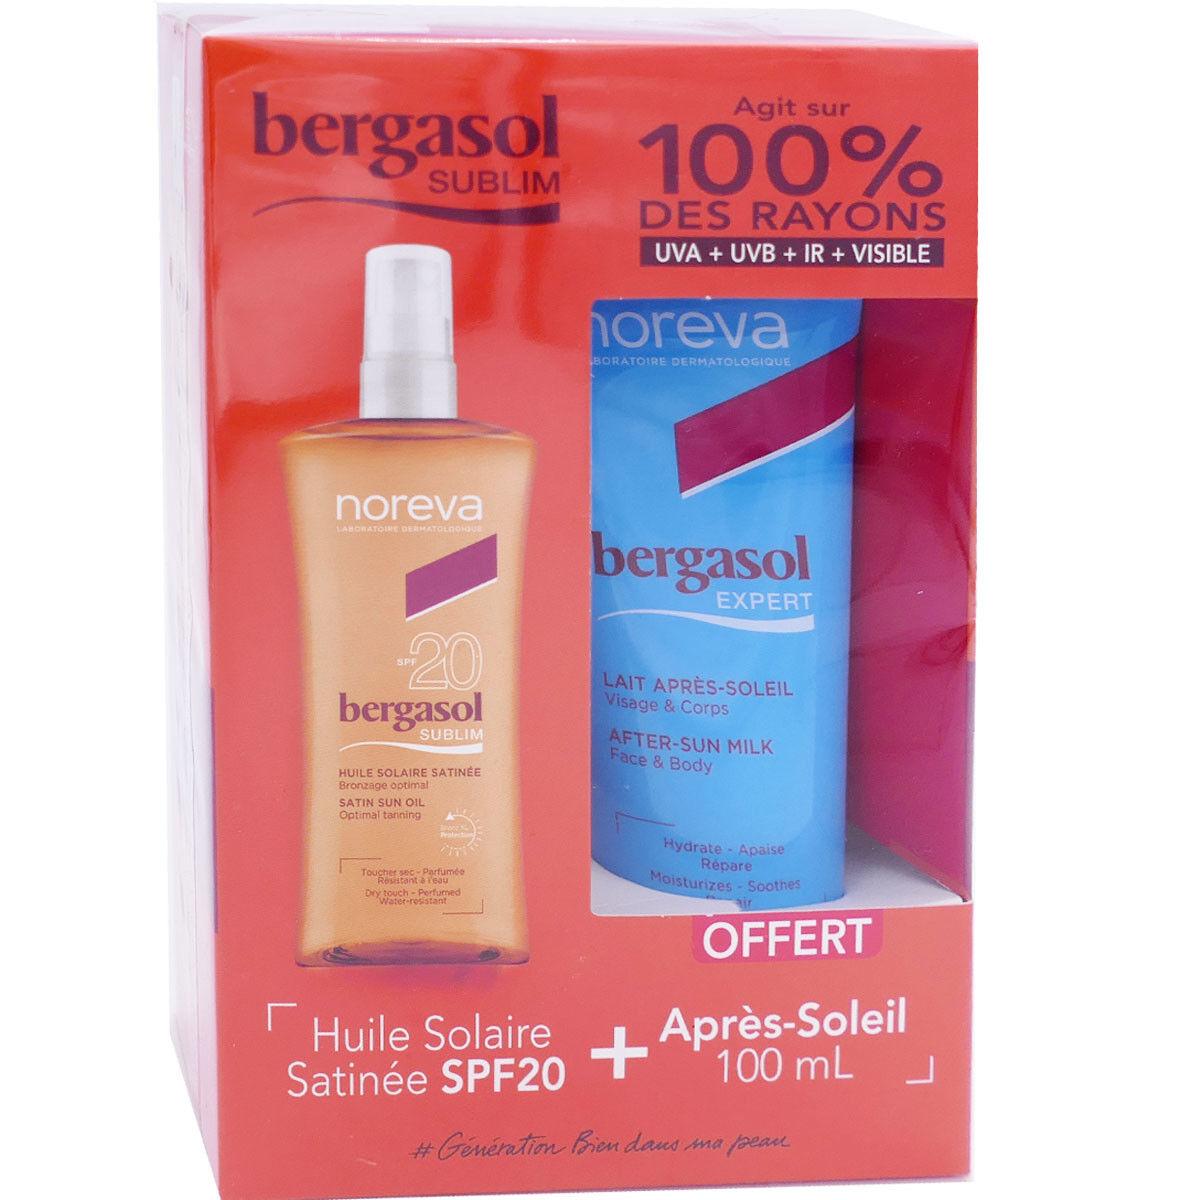 Bergasol sublim huile solaire satinee spf20 + apres soleil 100 ml